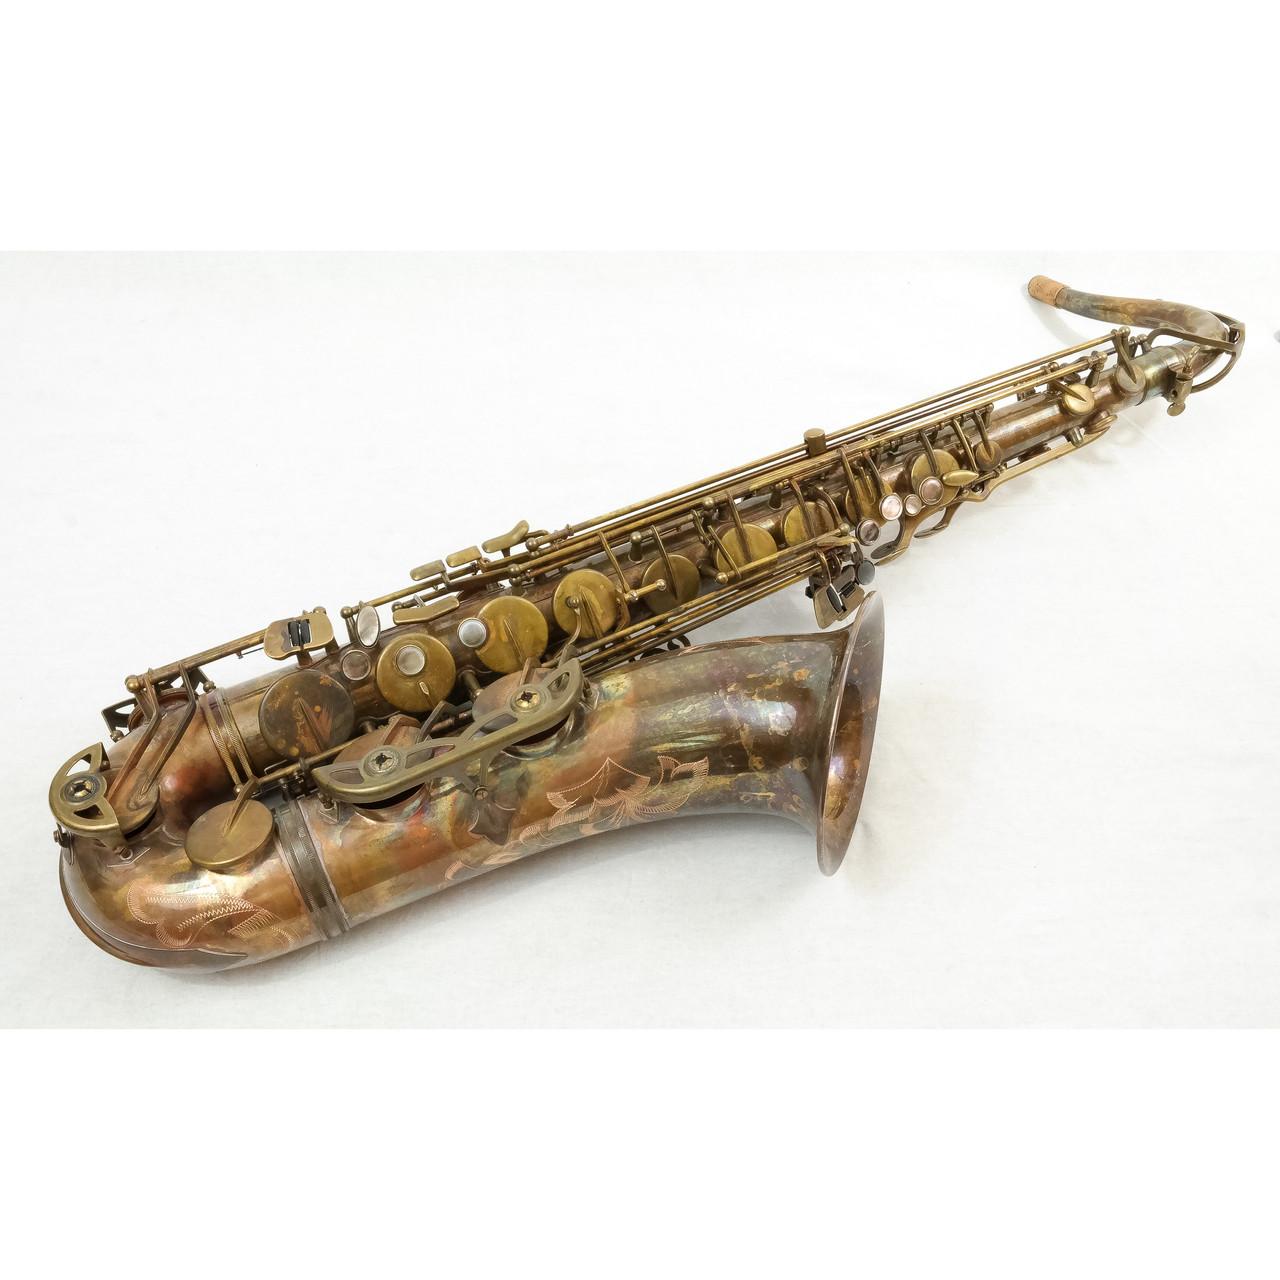 conn selmer 380 tenor sax 4